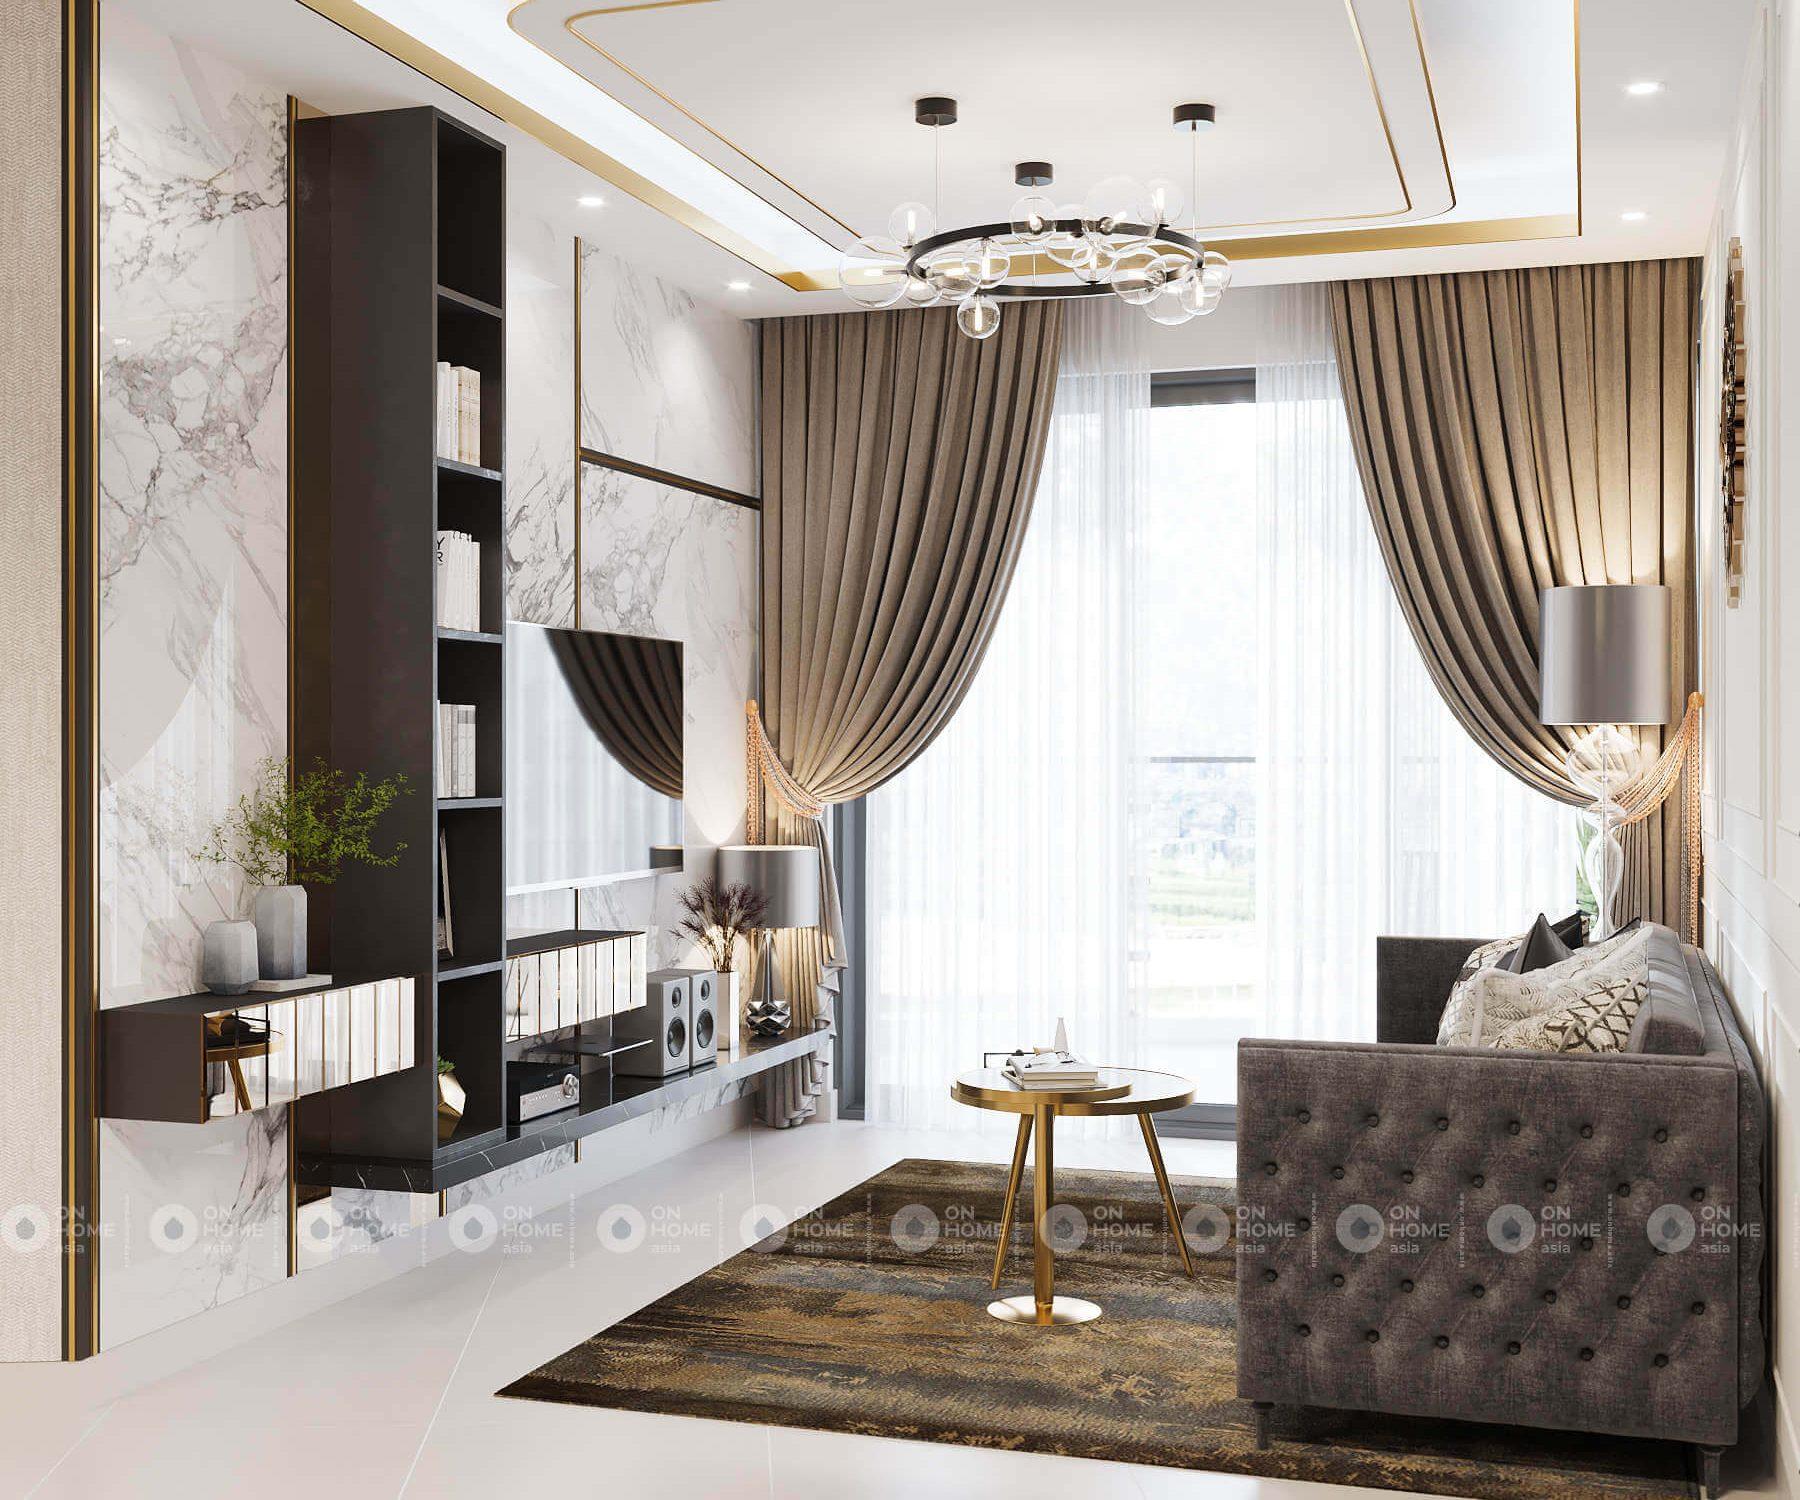 Thiết kế nội thất căn hộ 2 phòng ngủ Compass One